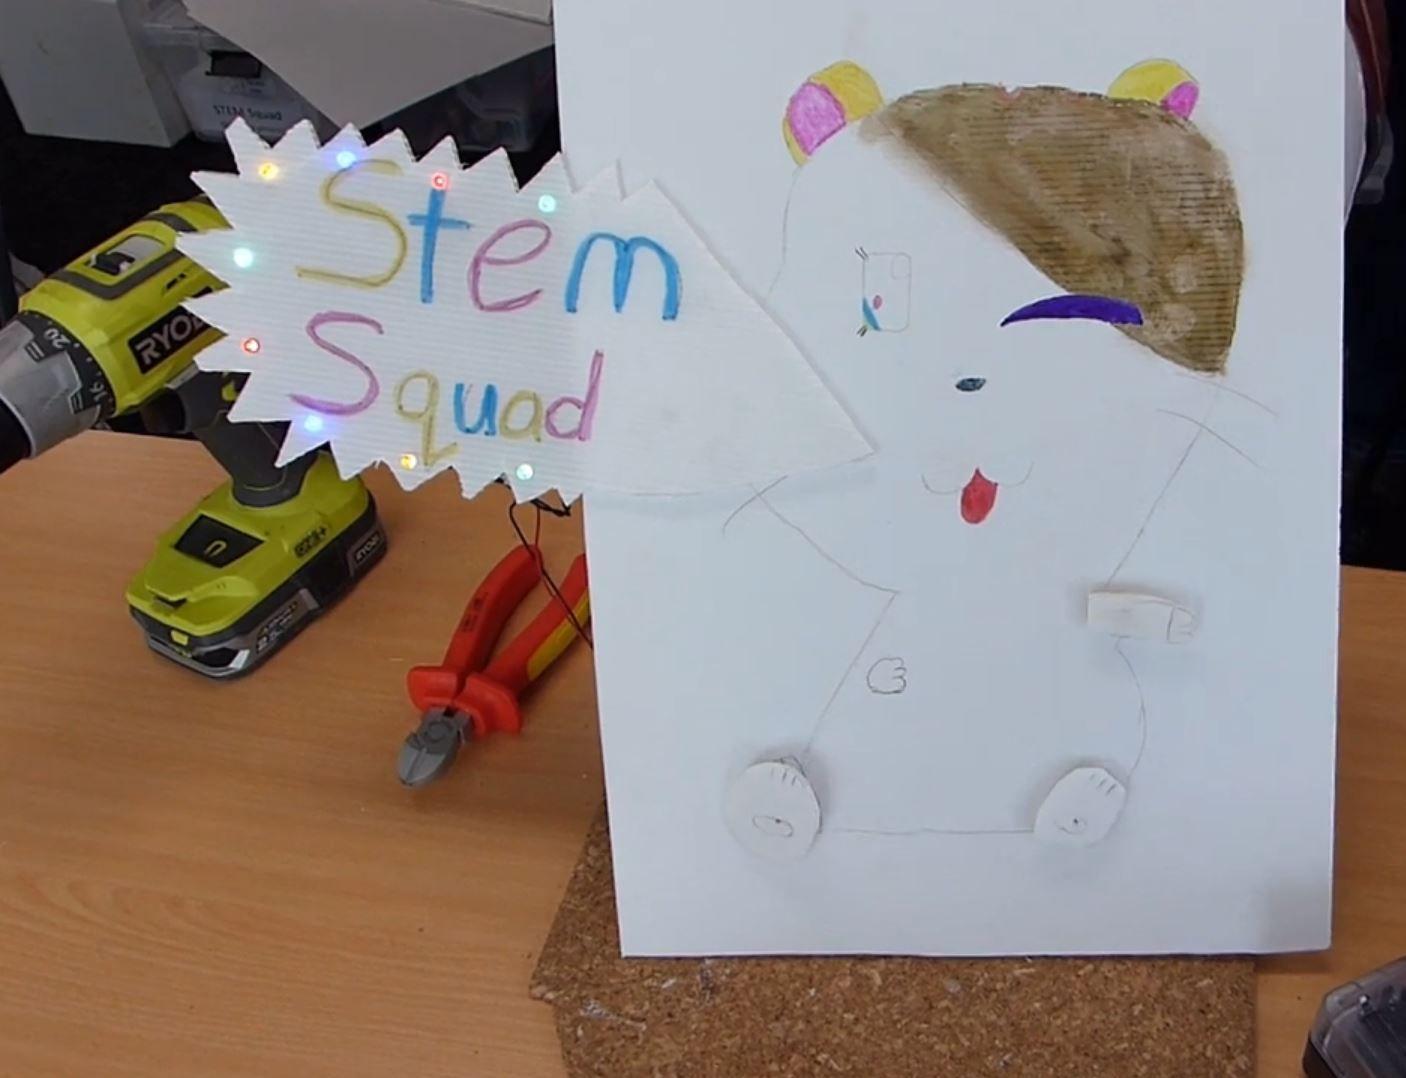 STEM Squad